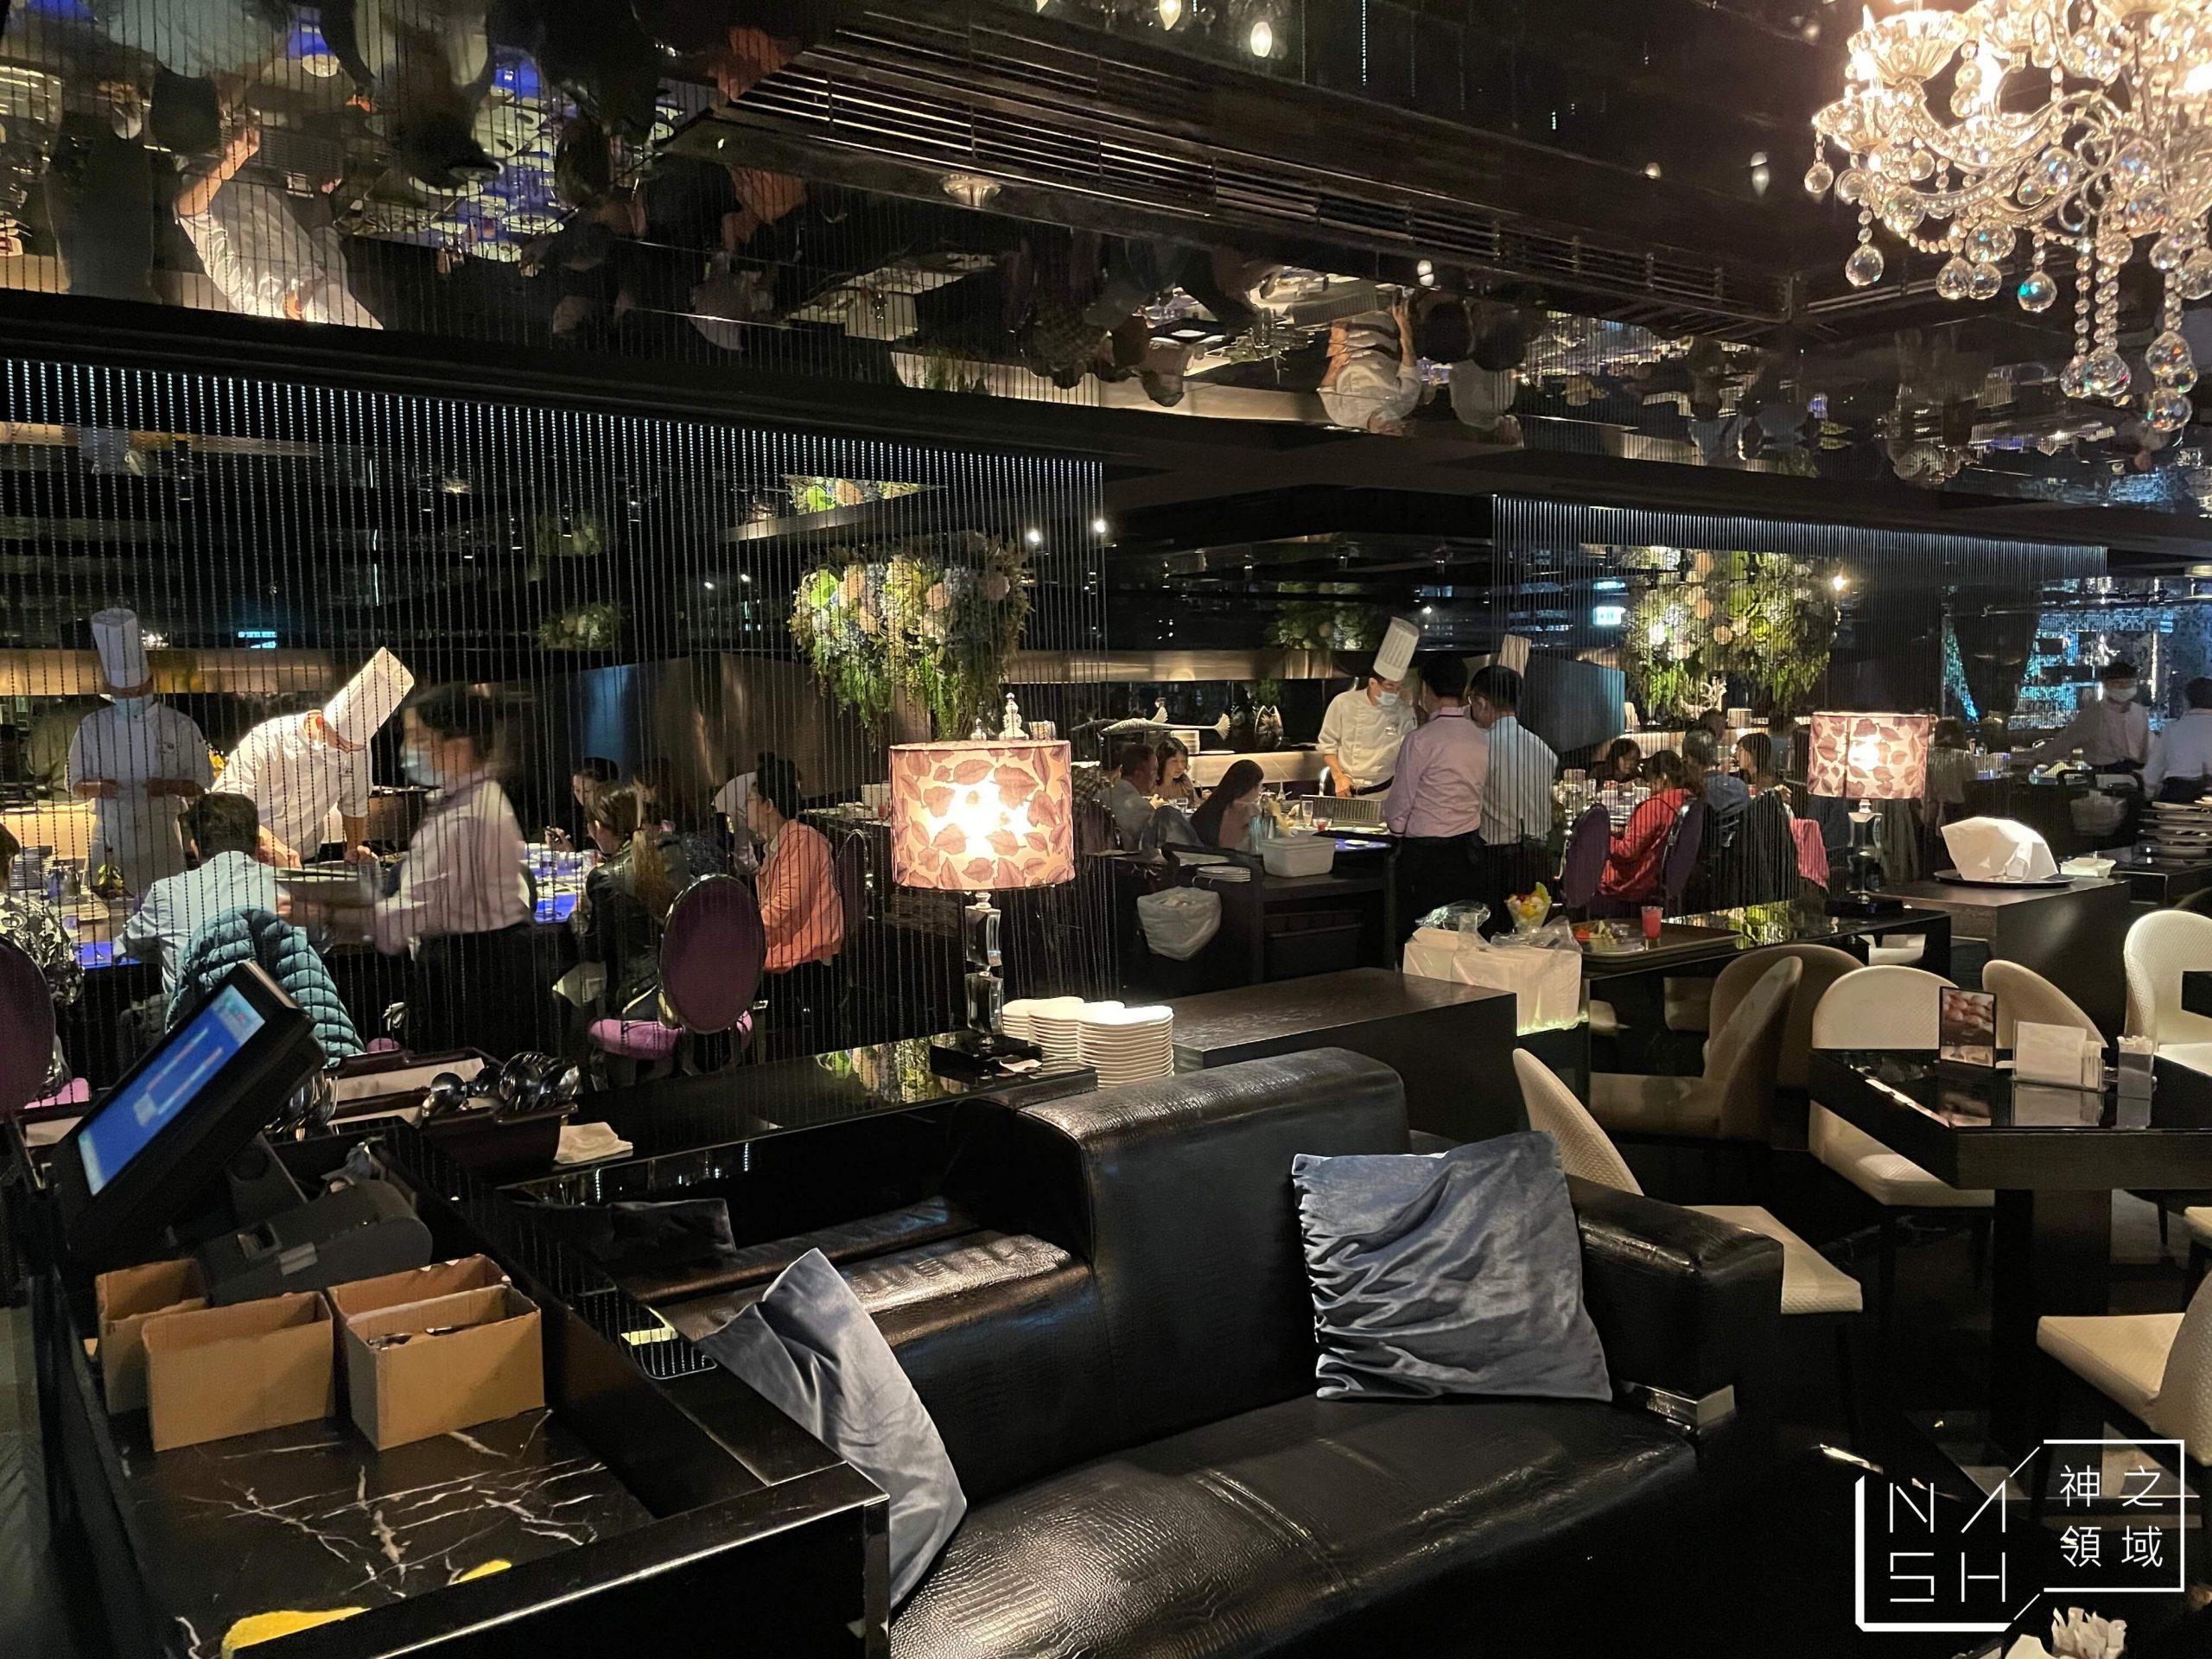 墨賞新鐵板料理餐廳